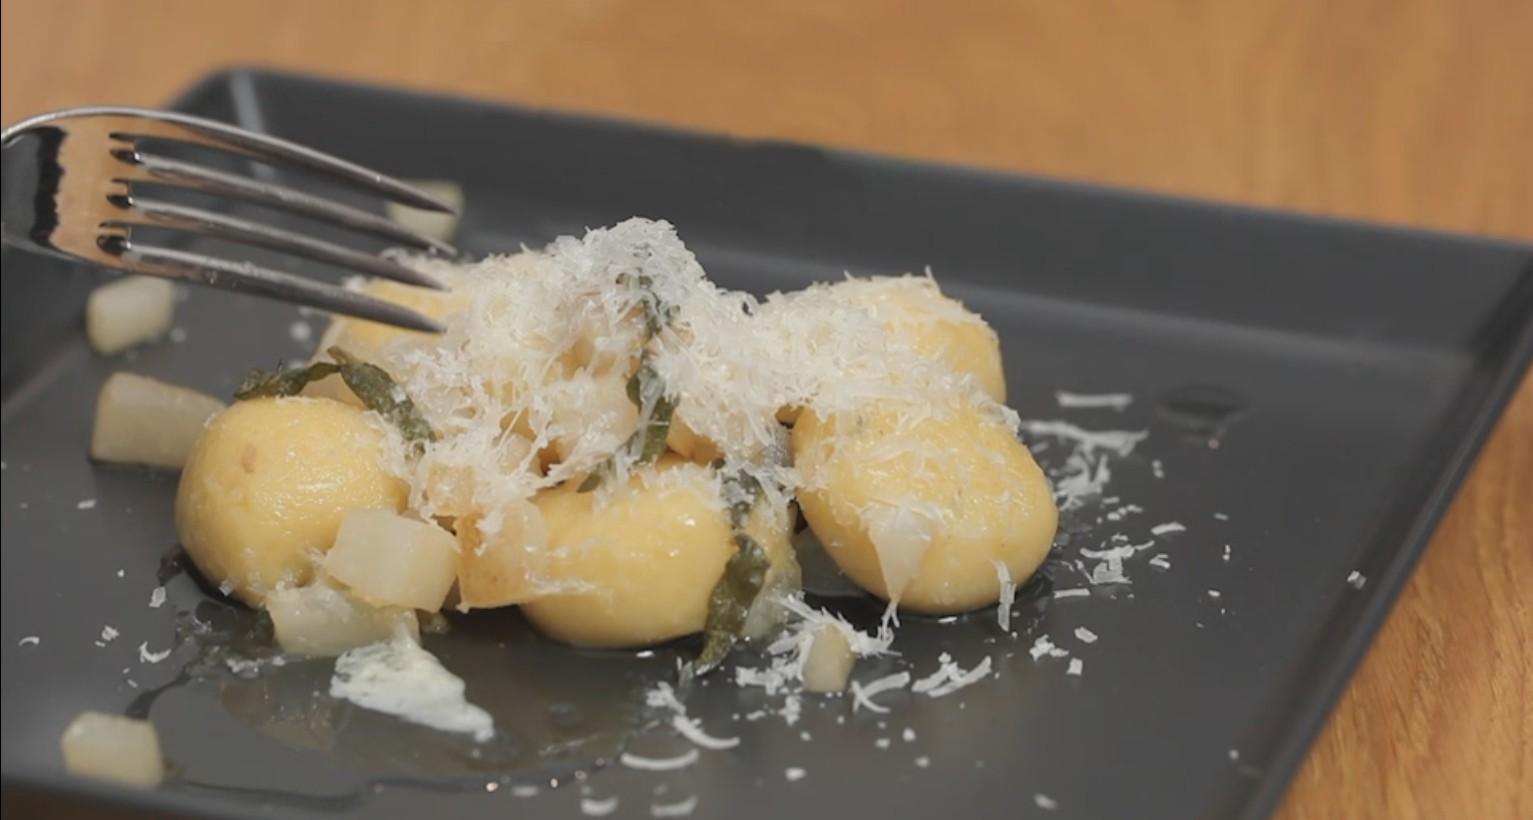 Gnocchi Ripieni Ricetta Bimby.Ricetta Gnocchi Ripieni Di Gorgonzola Agrodolce